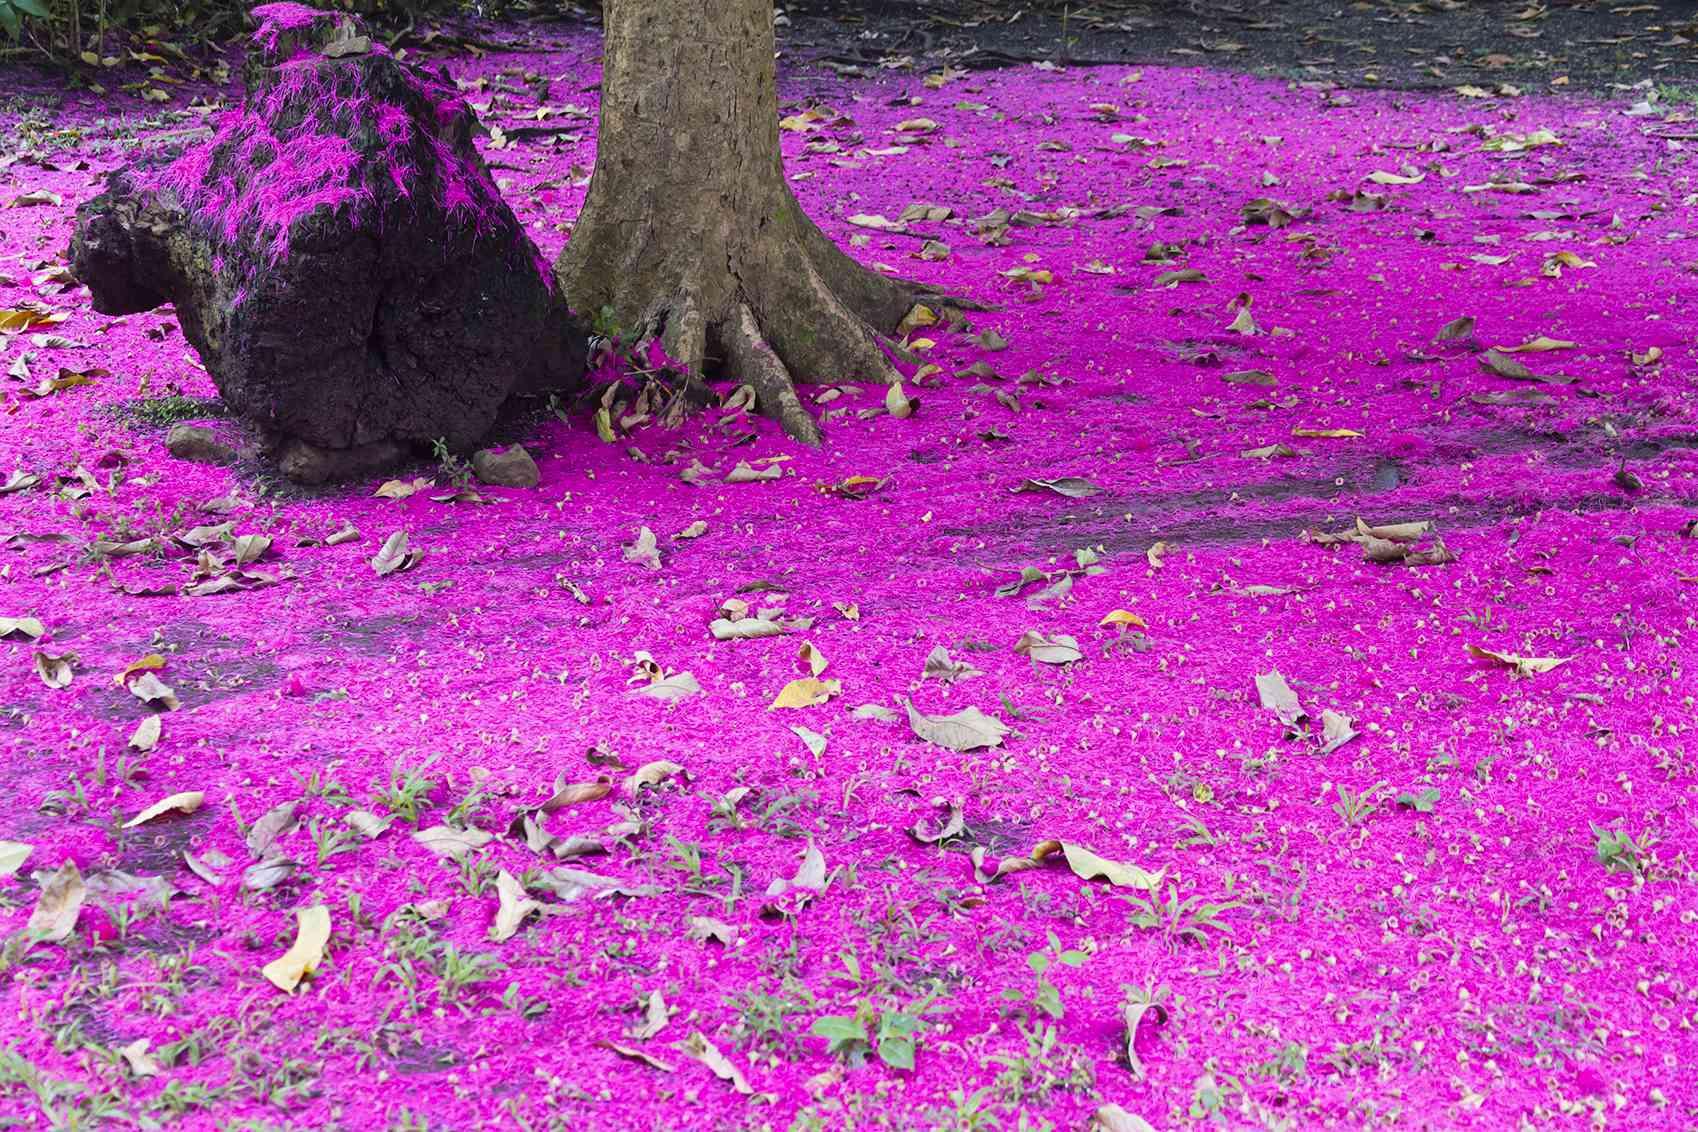 Carpet of magenta petals of Syzygium Malaccense